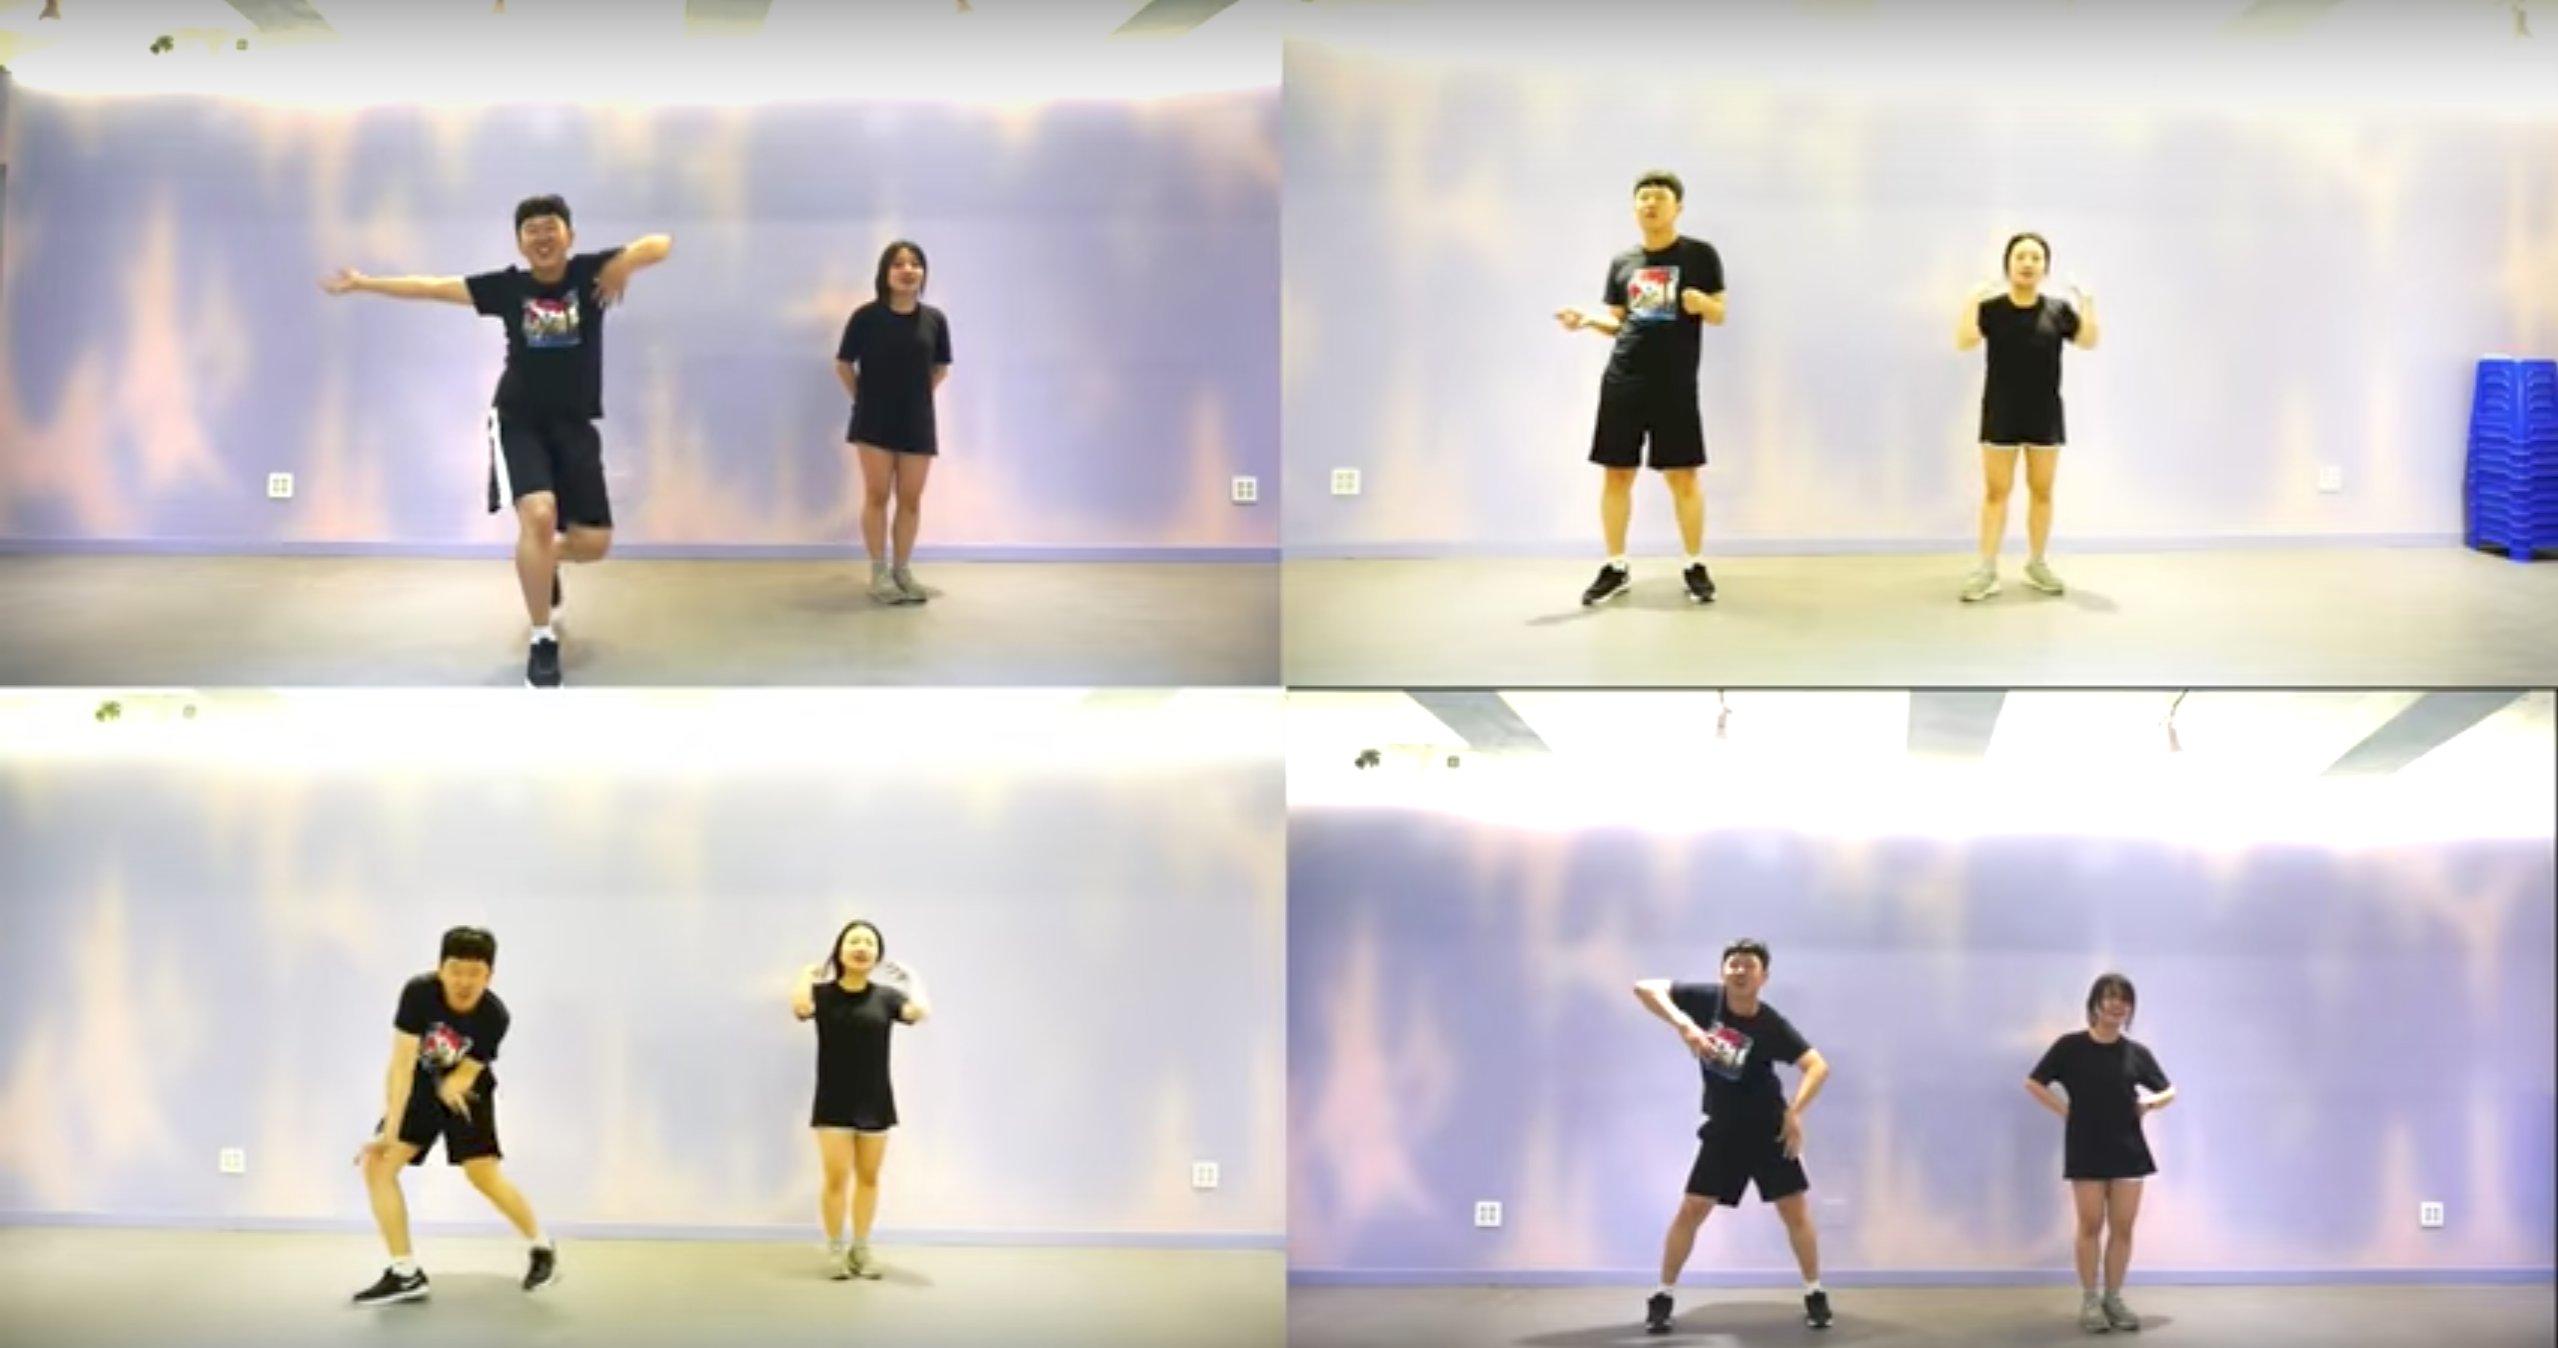 e89ea2e5b995e5bfabe785a7 2017 09 27 e4b88be58d886 20 21.png?resize=300,169 - 3分鐘就腿軟!韓國情侶跳「2週瘦10kg」舞蹈爆紅,跳一次就讓你「累到叫媽!」